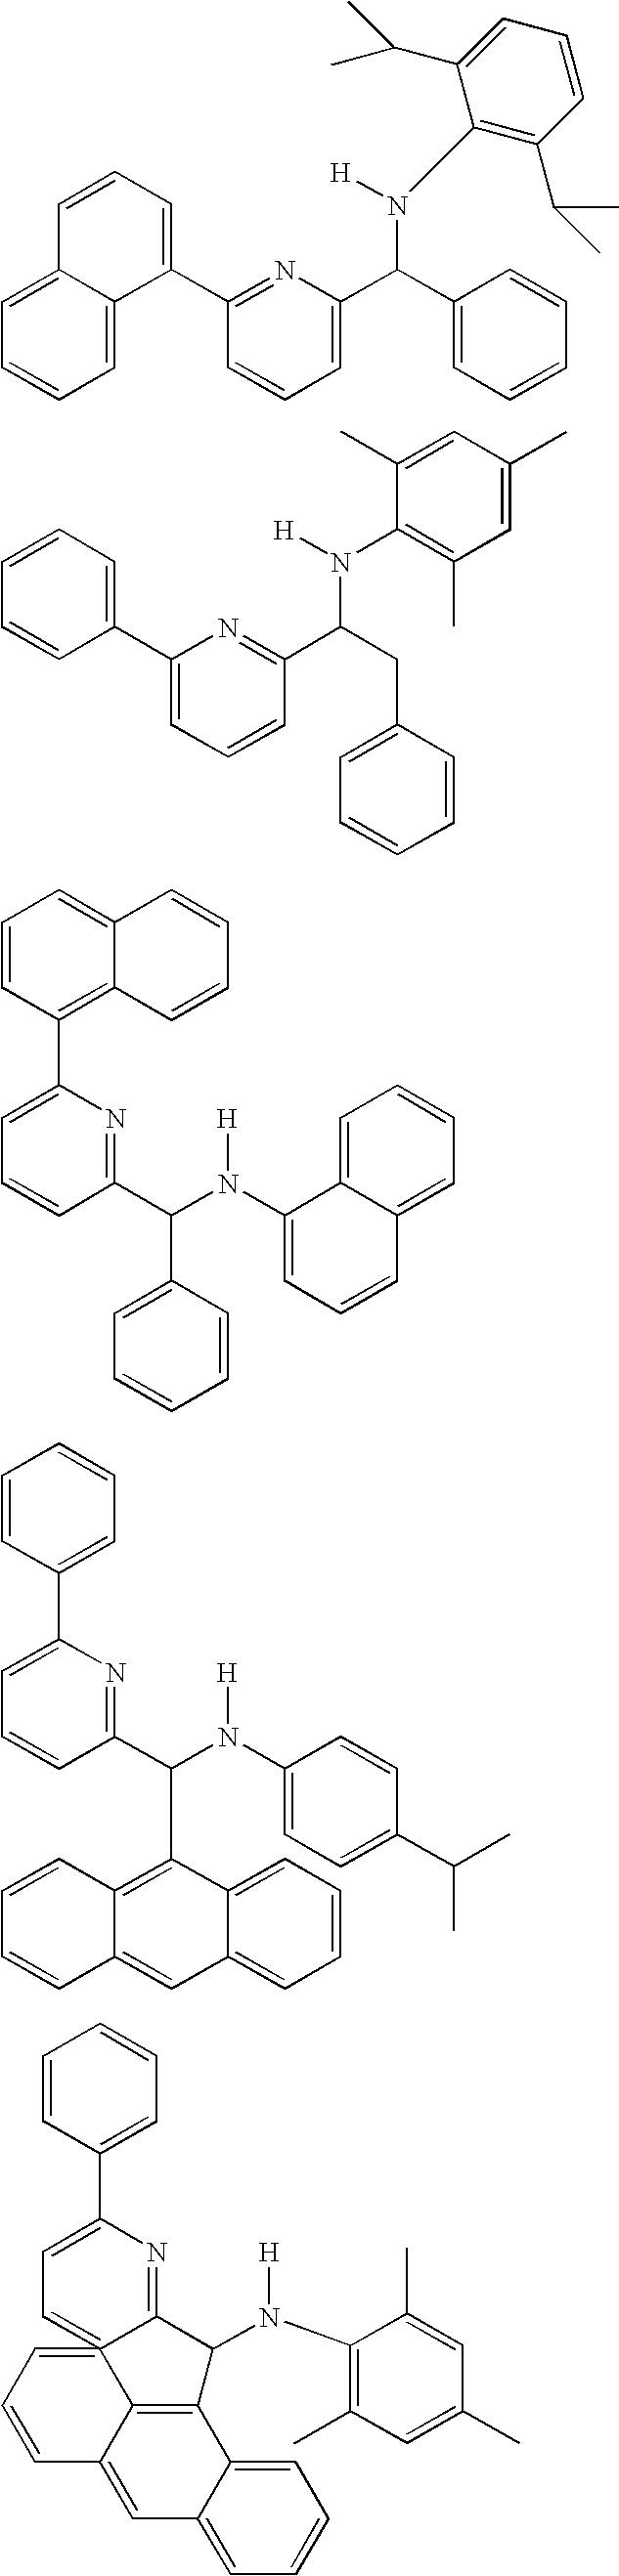 Figure US06900321-20050531-C00027